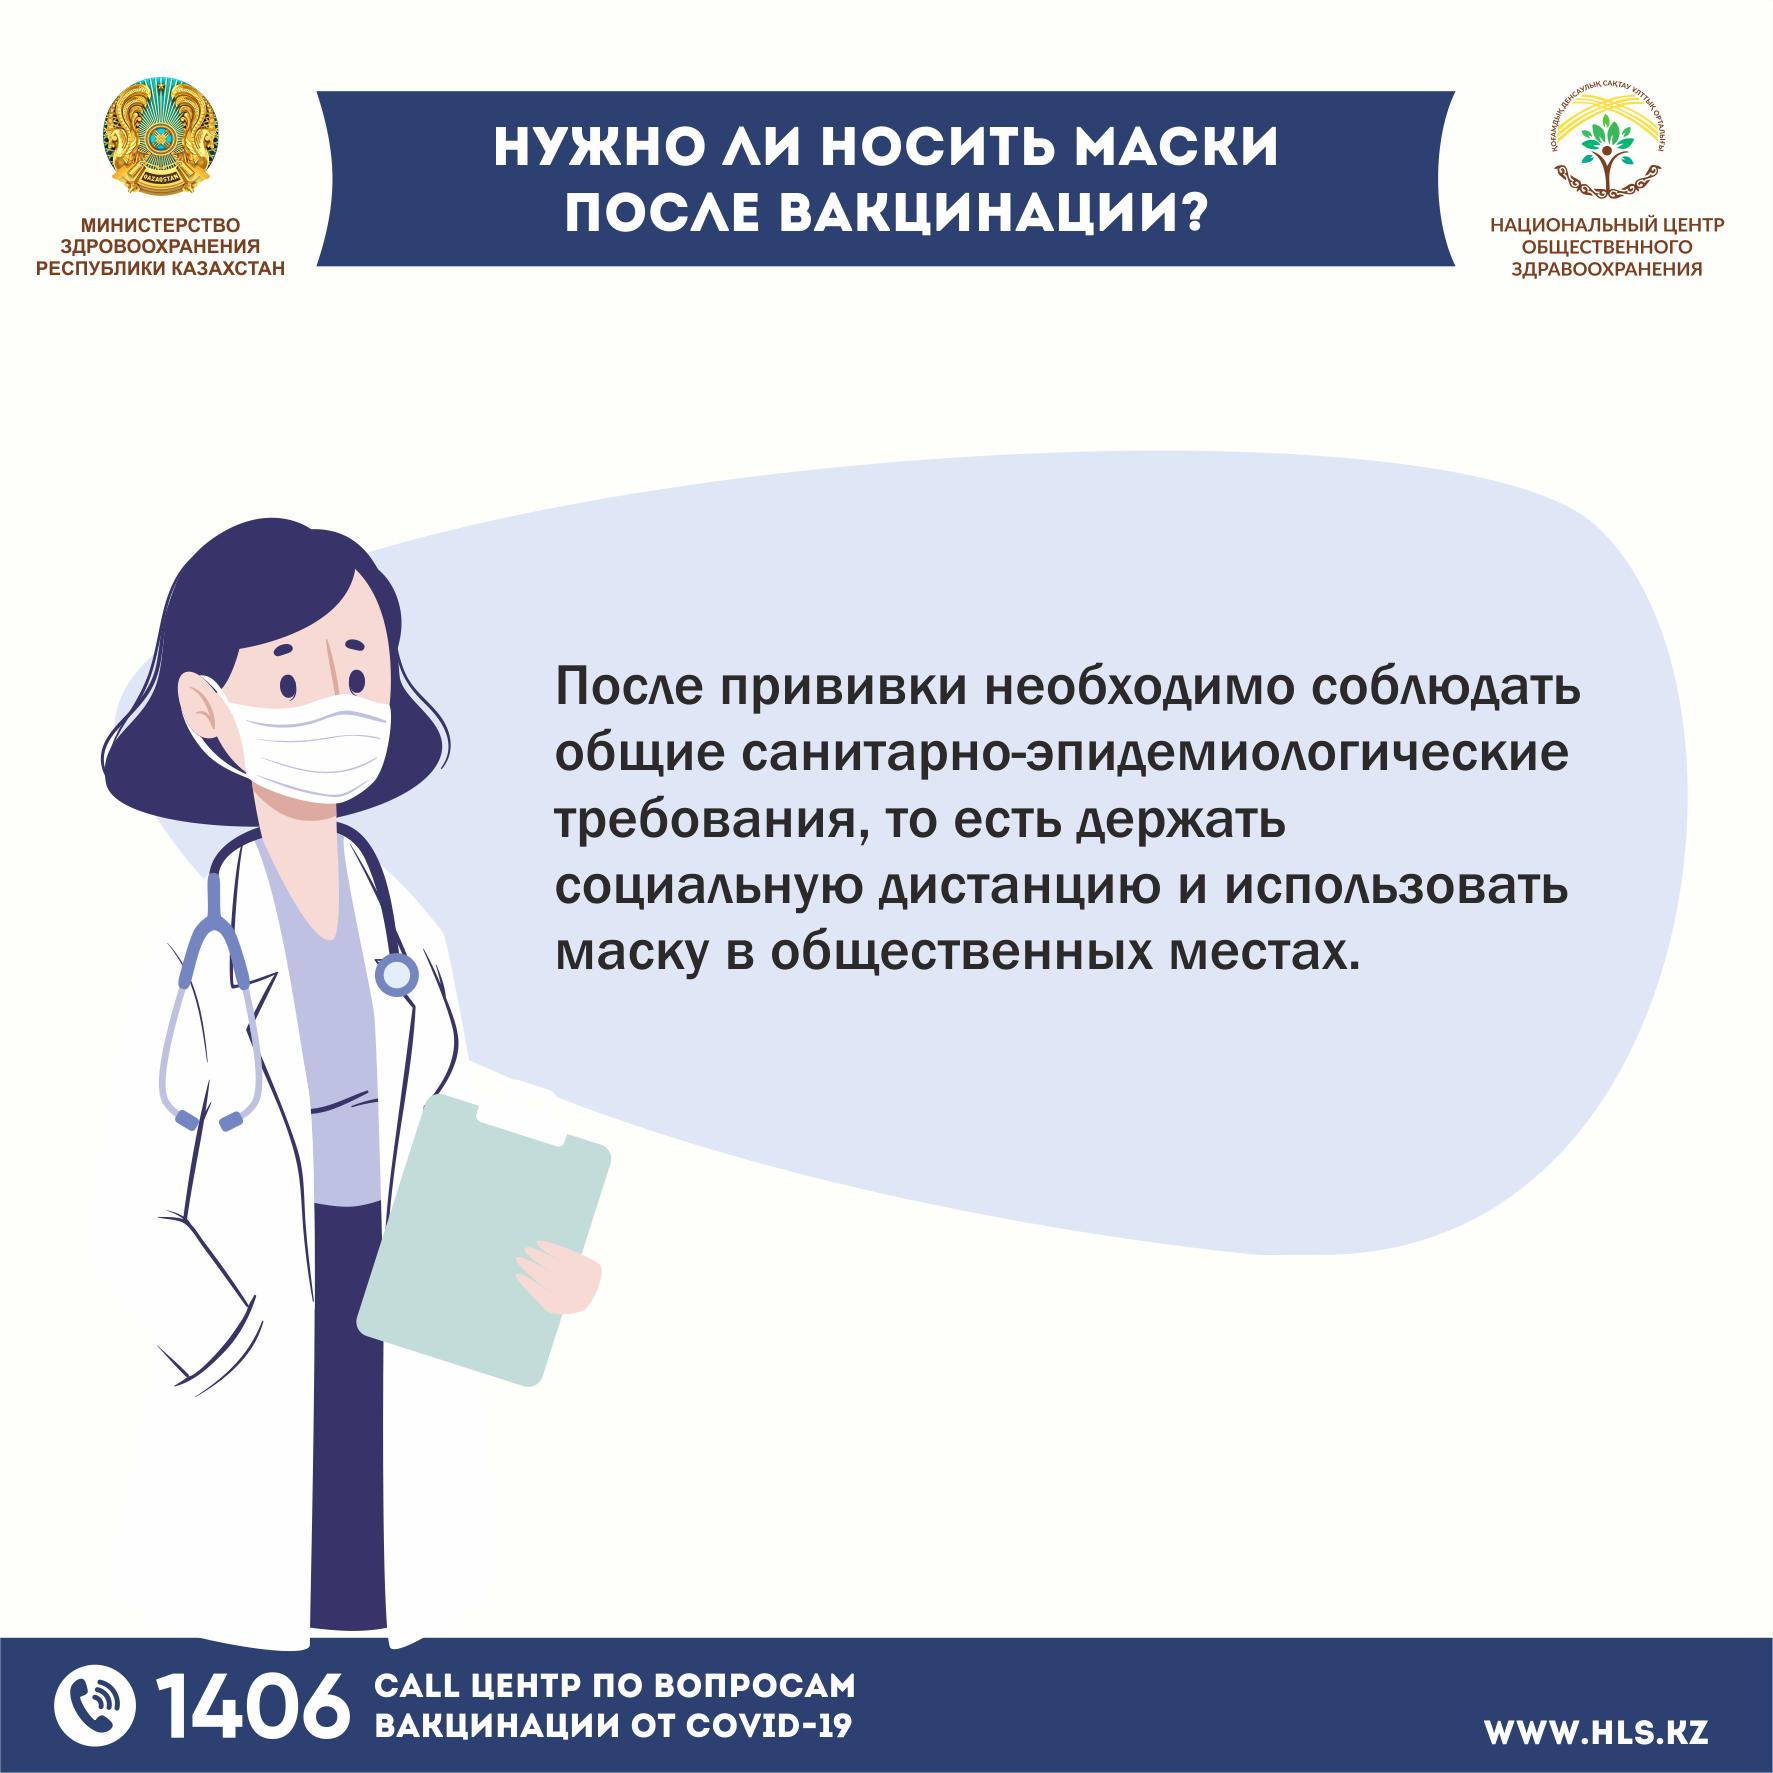 Нужно ли носить маски после вакцинации Р